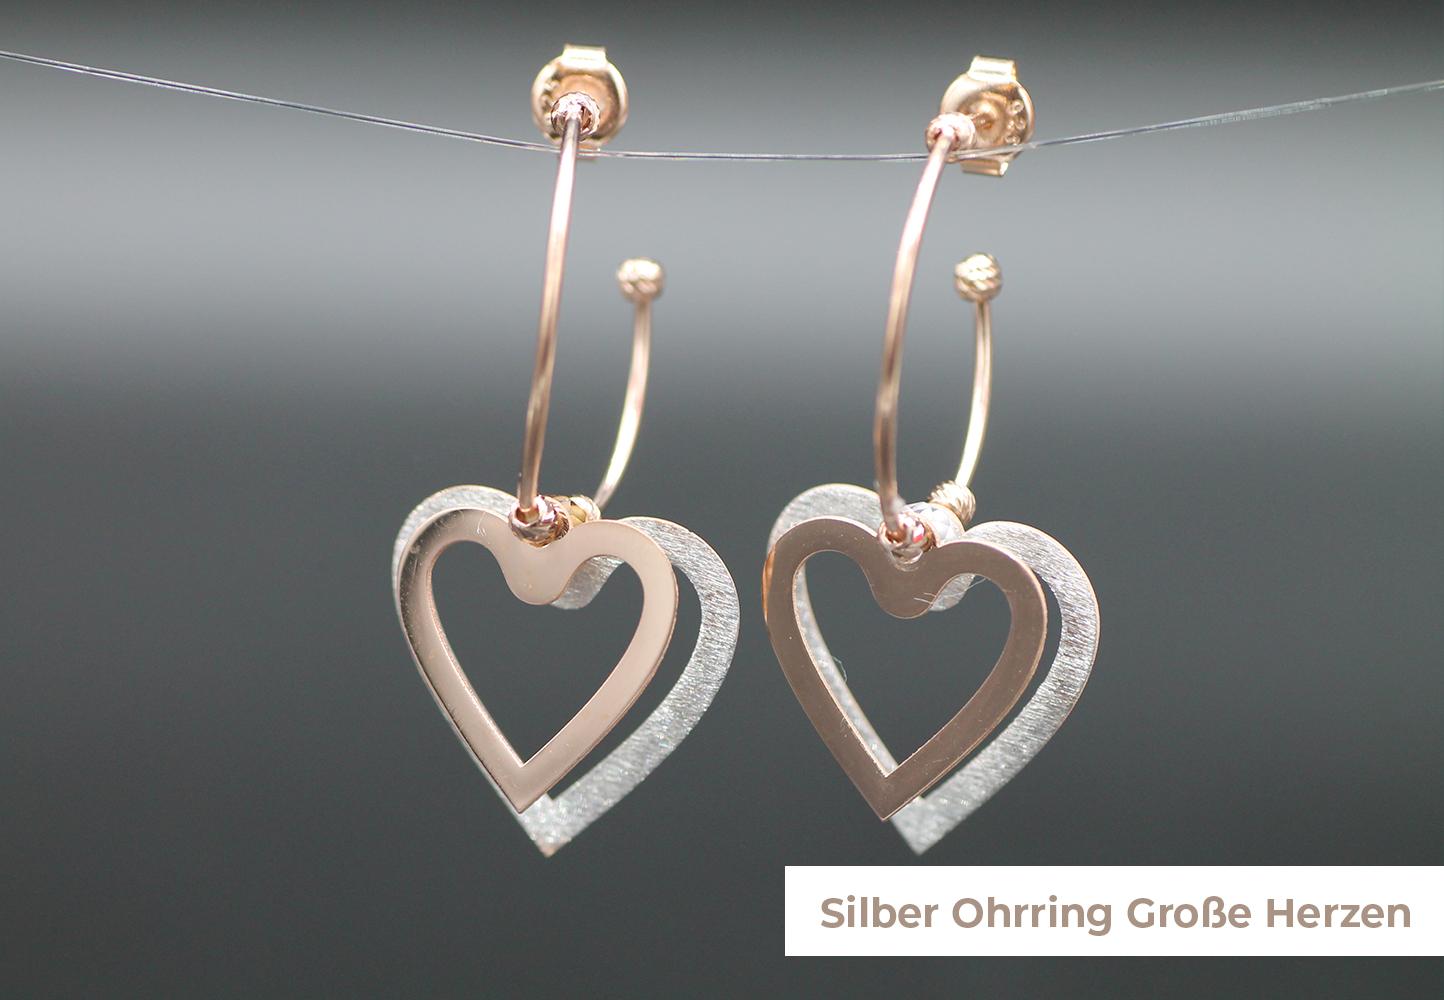 Silber Ohrring große Herzen